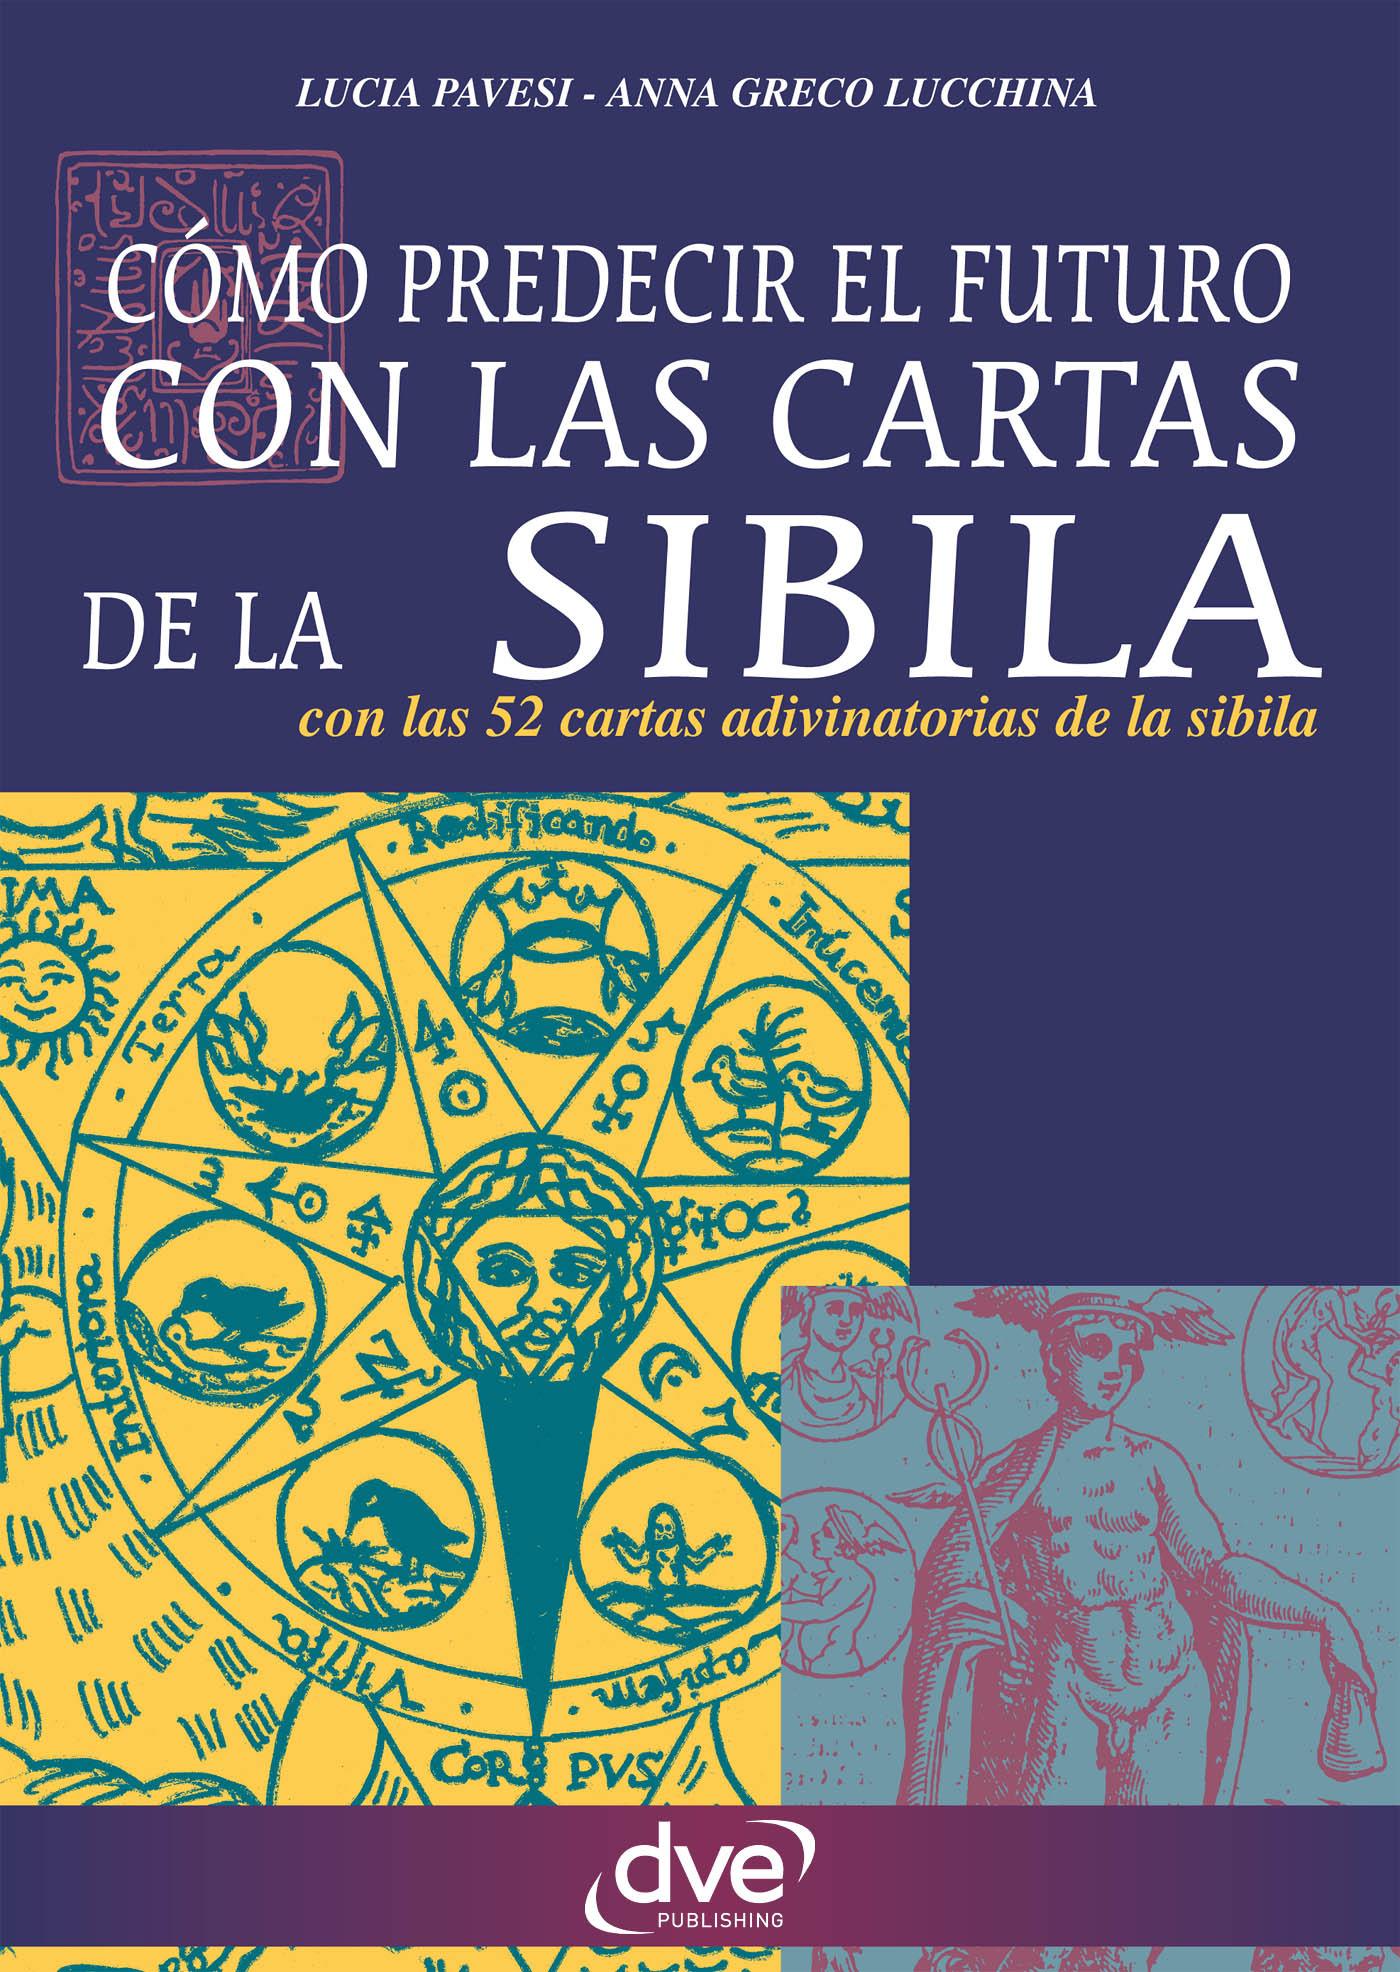 Lucchina, Anna Greco - Como predecir el futuro con las cartas de la Sibila, e-bok